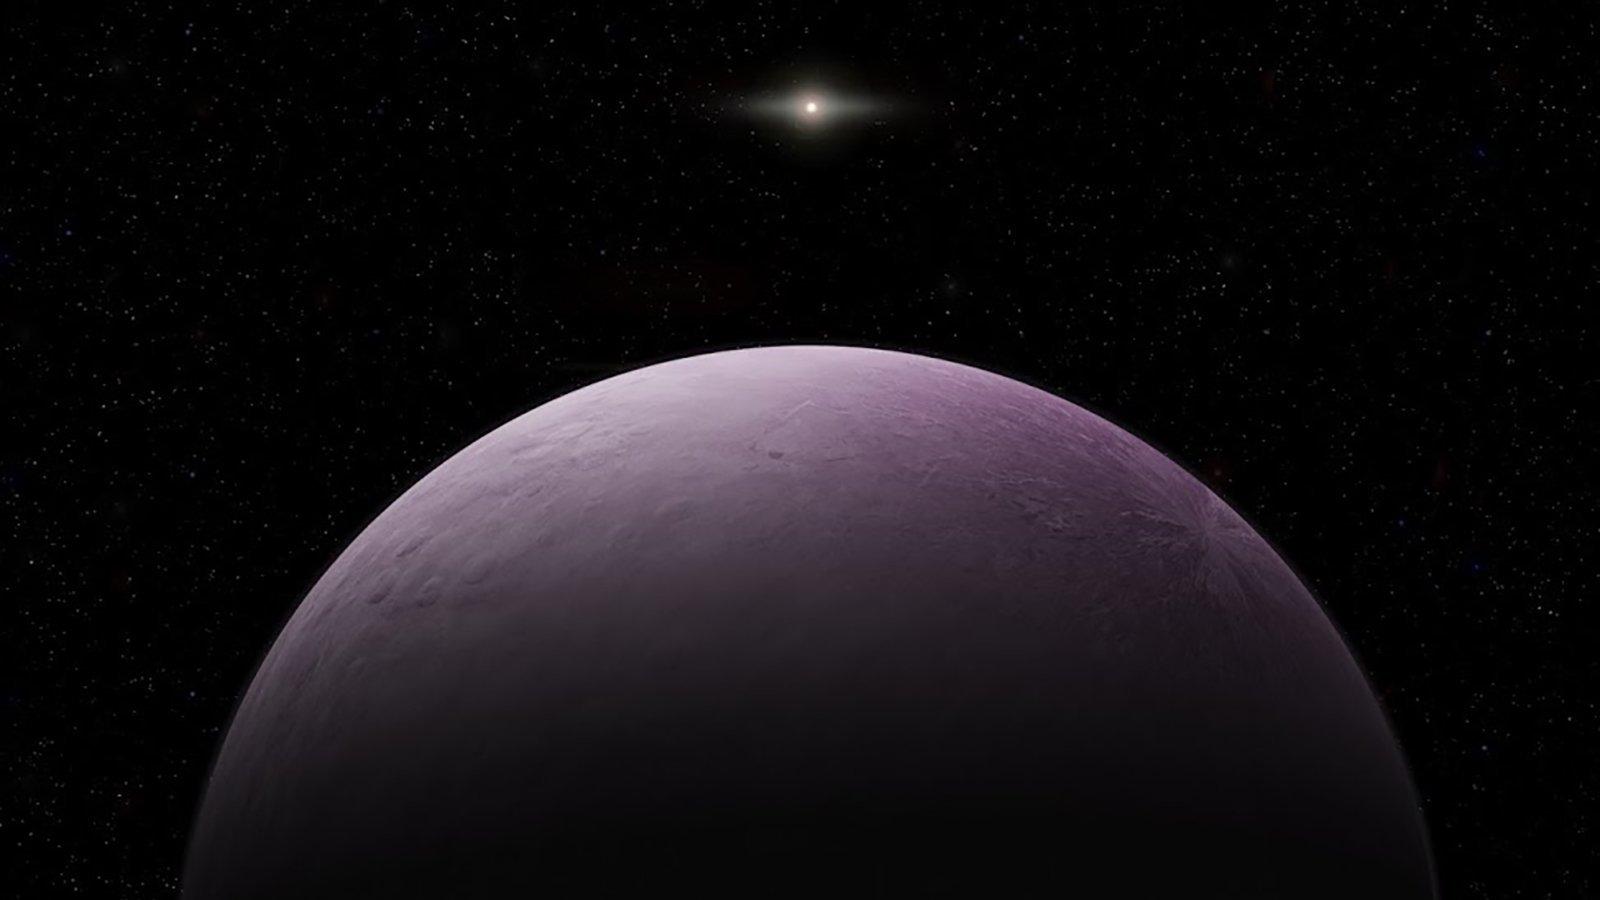 اكتشاف أبعد جرم في المجموعة الشمسية.. فارأوت Farout